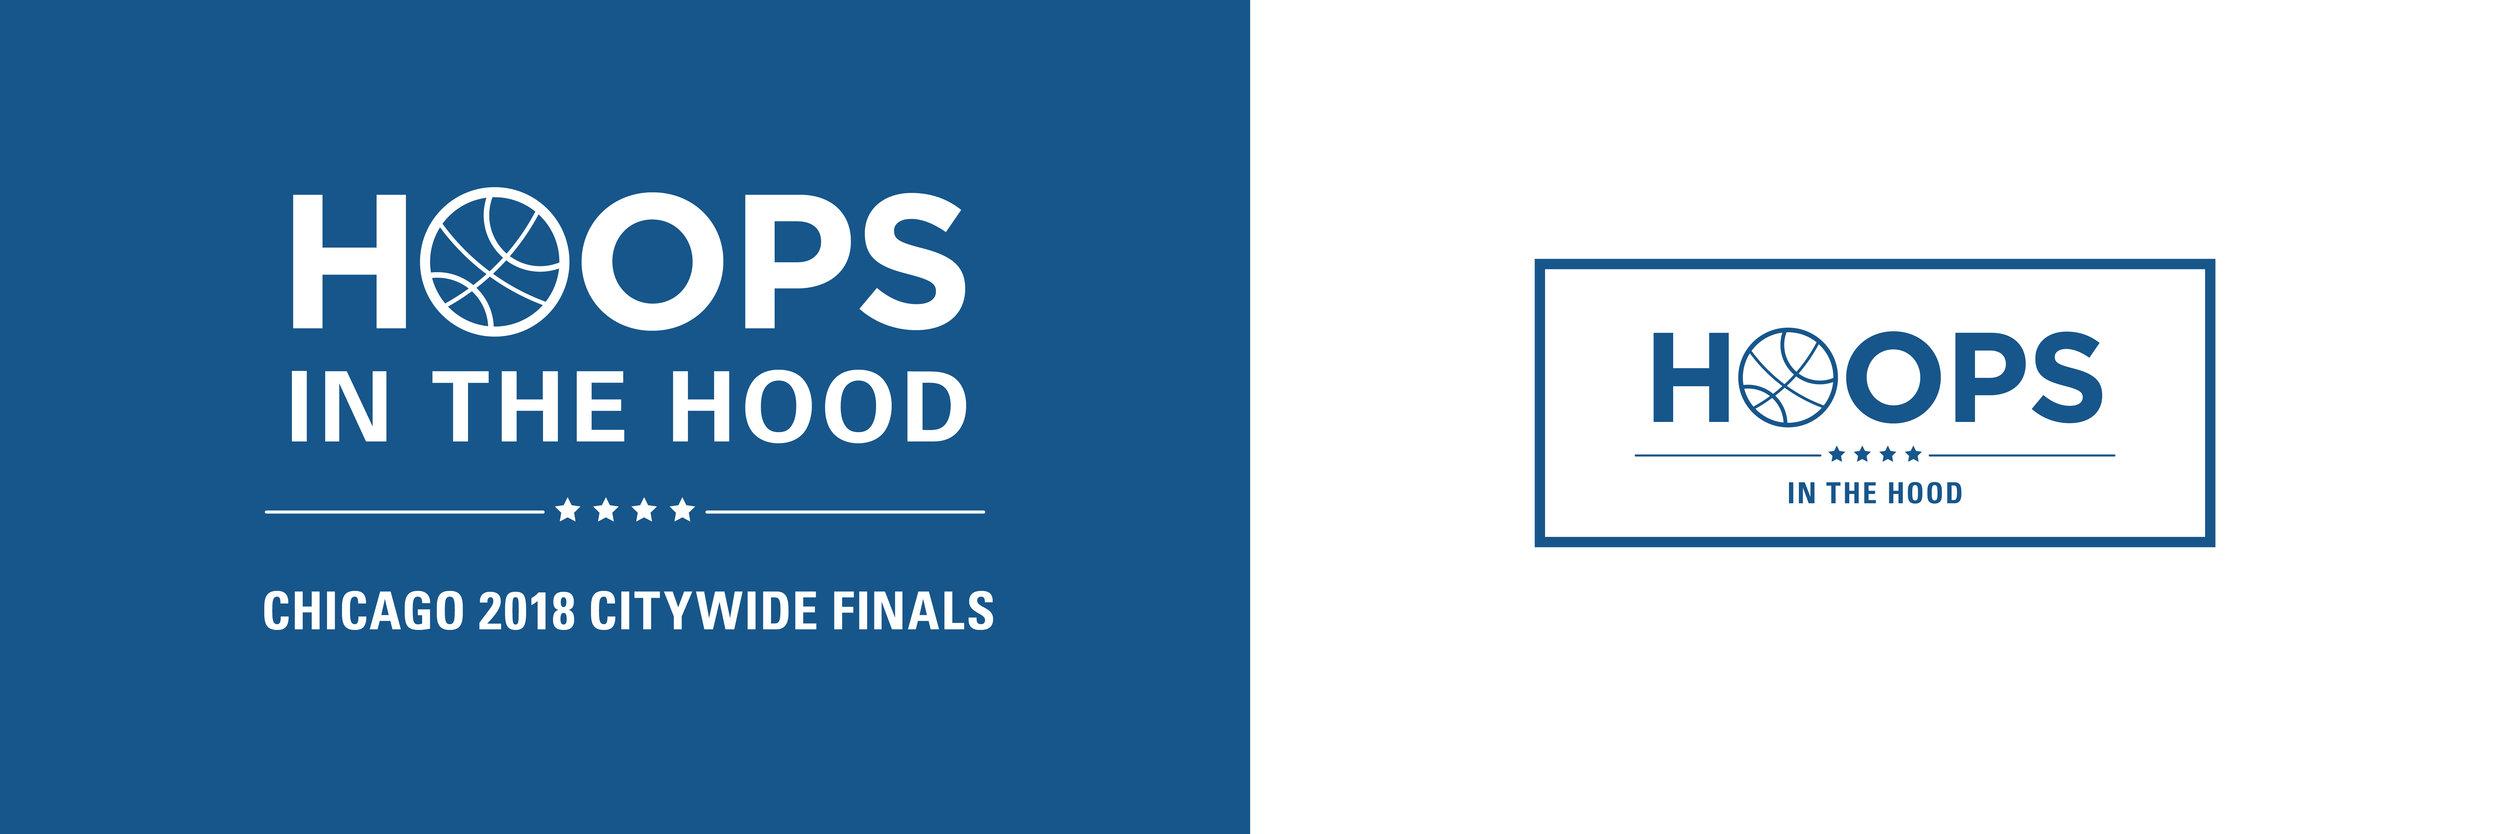 Forward Design Chicago Logo_2019_LISC_34.jpg